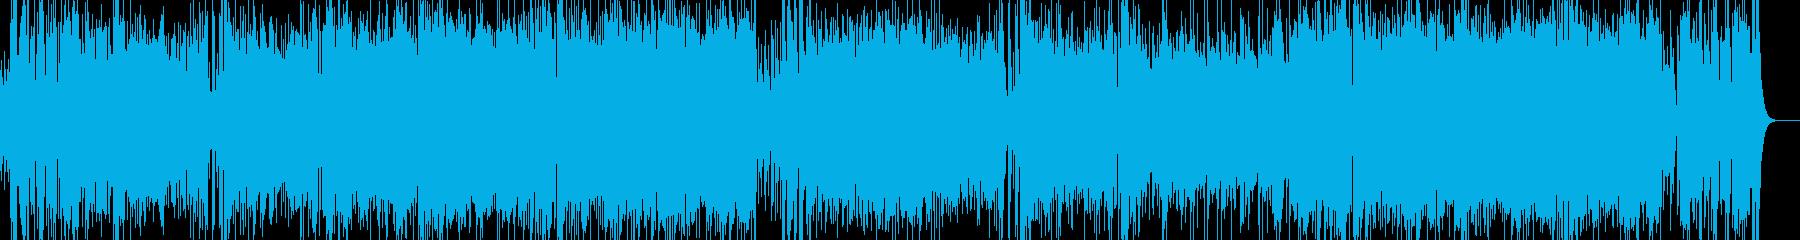 ヒーロー・戦隊モノのテーマソングの様な曲の再生済みの波形